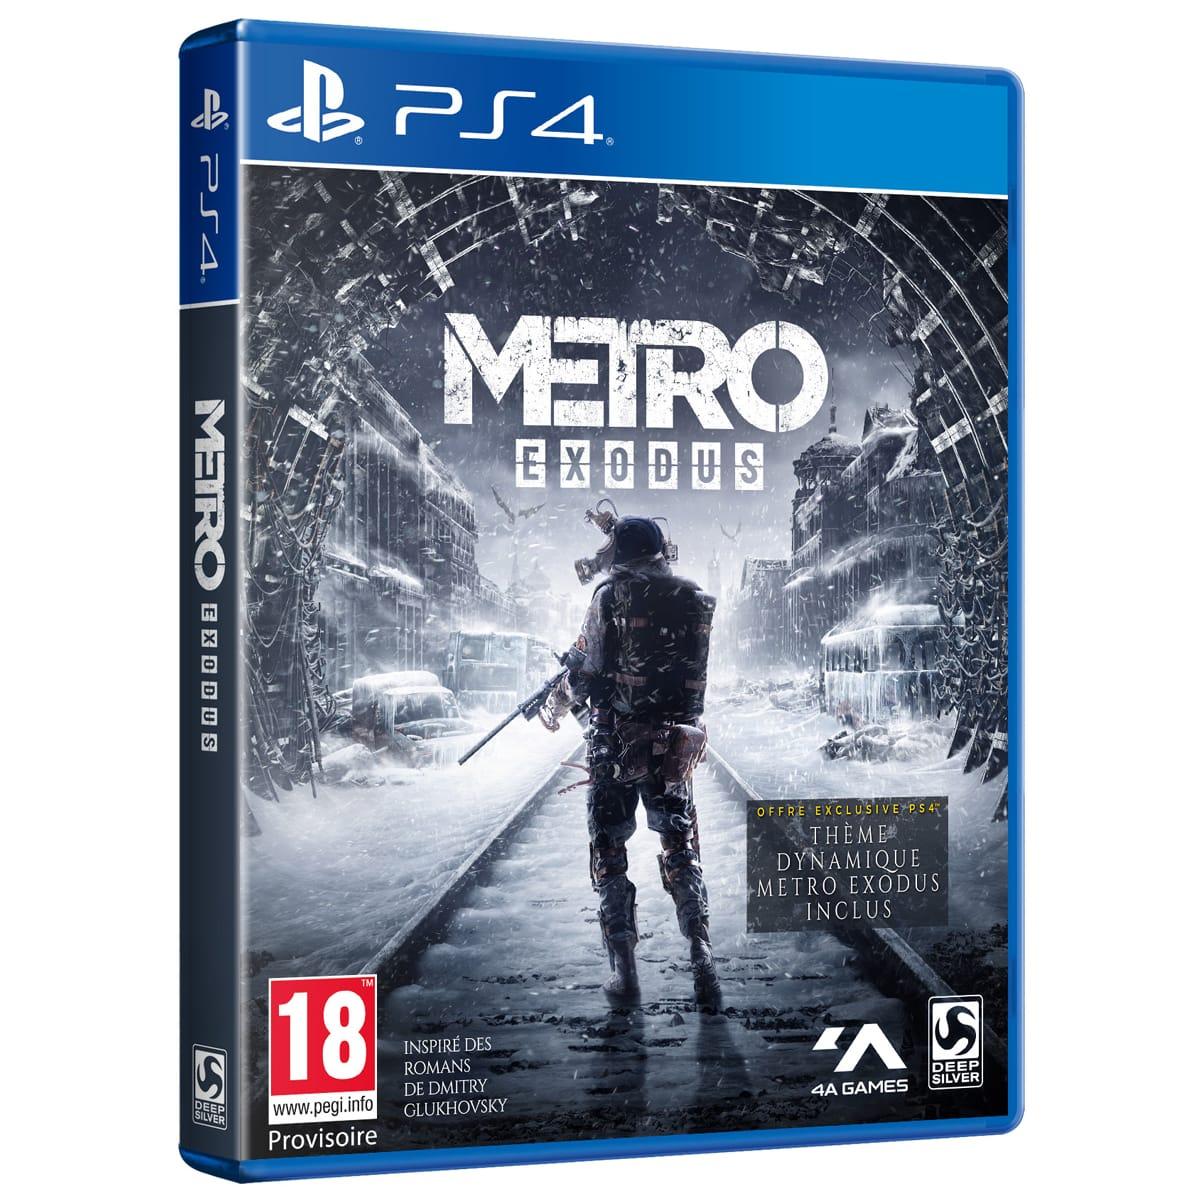 Metro Exodus sur PS4 100% remboursé Via 4 bons d'achat de 12,50€